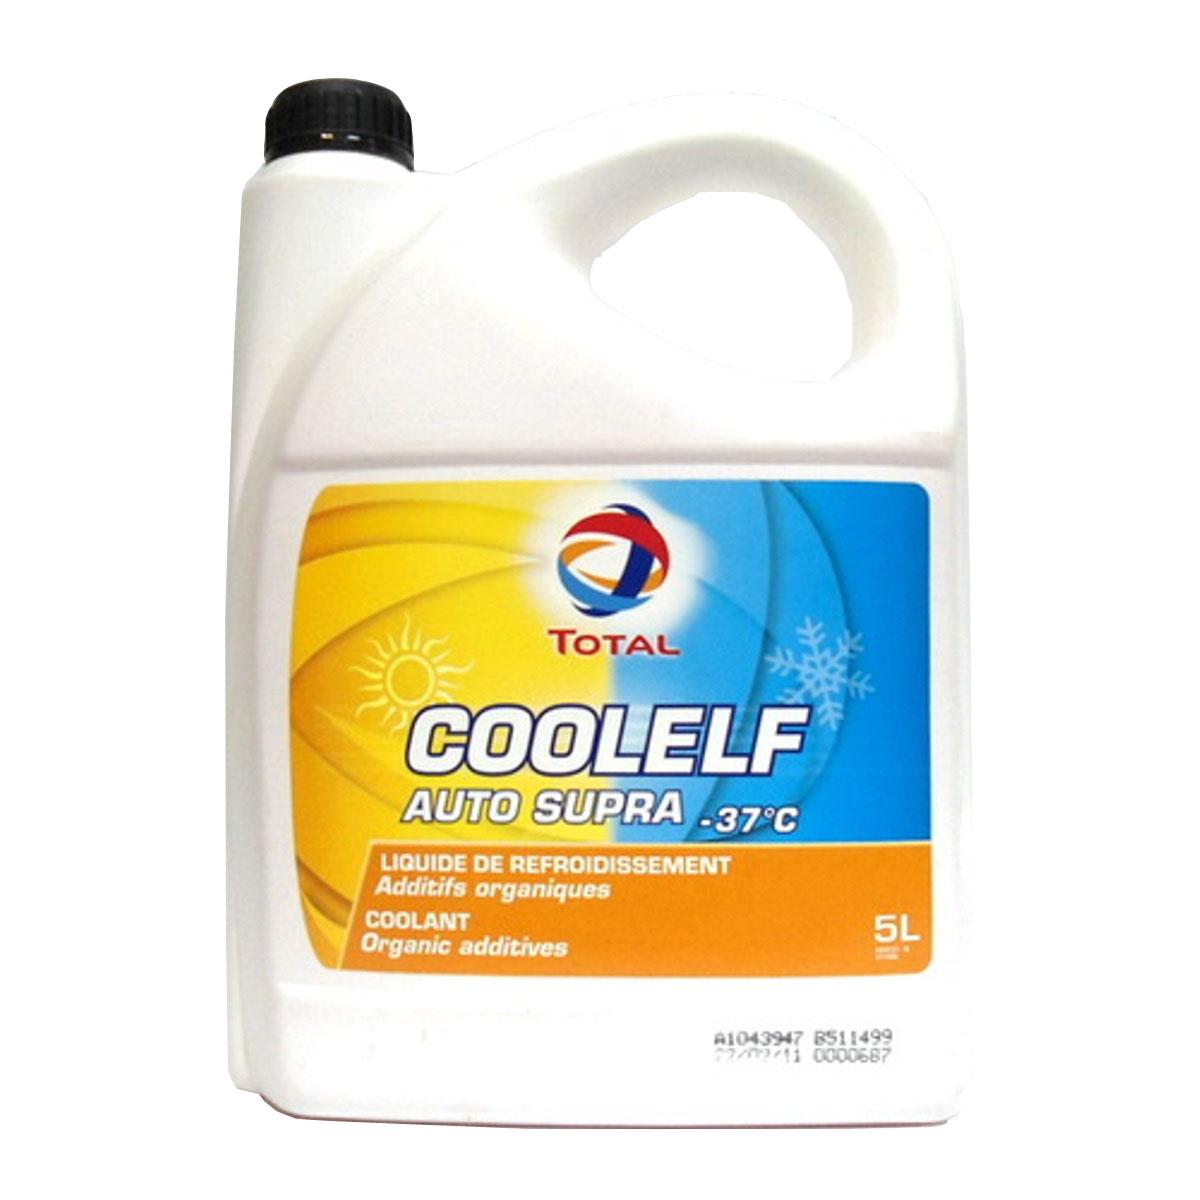 Охлаждающая жидкость Total Coolelf Auto Supra -37, 5 л2706 (ПО)Готовая охлаждающая жидкость с экстраувеличенным сроком службы на основе моноэтиленгликоля и органических ингибиторов коррозии. Температура застывания: -37°С. интервал замены – 5 лет (650 000 км для грузовиков, 250 000 км для легковых автомобилей). уменьшает износ блока цилиндров и водяной помпы. не содержит силикатов, фосфатов, хроматов, нитритов или боратов.AFNOR NFR 15-601, BS 6580, ASTM D 3306, ASTM D 4656, ASTM D4985, MB 325.3, DEUTZ / MWM, FORD, MAN 324 TYP SNF, VW TL 774D, JAGUAR, LEYLAND TRUCKS, OPEL-GM 6277M, RENAULT VI, SCANIA, SAAB, SEAT, SKODA